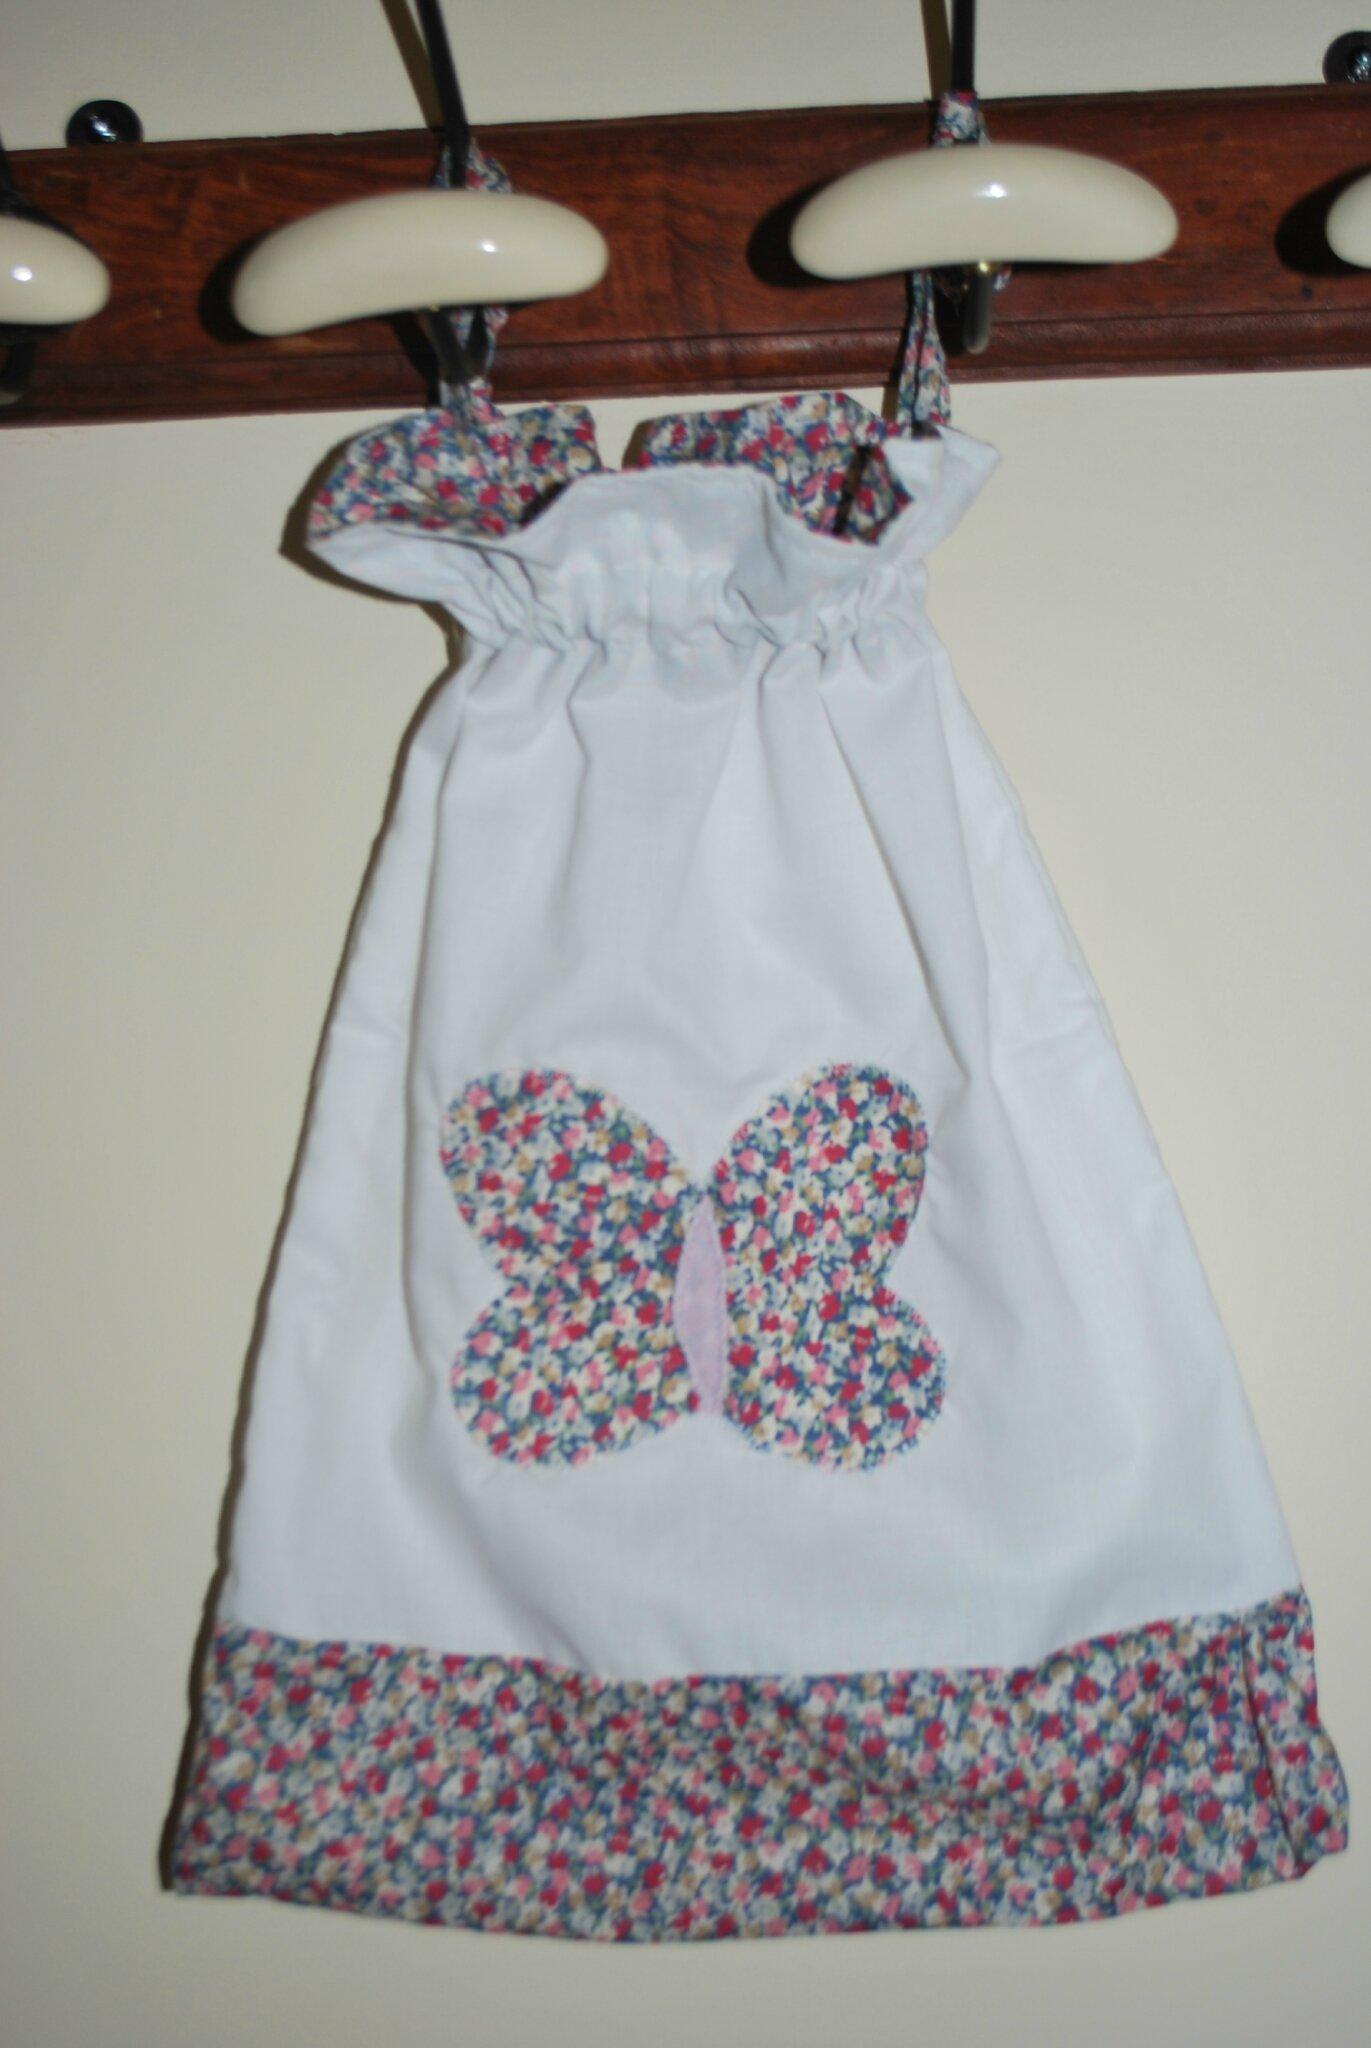 petite bourse fille tissu liberty motif papillon appliqu photo de sac tout various bag. Black Bedroom Furniture Sets. Home Design Ideas